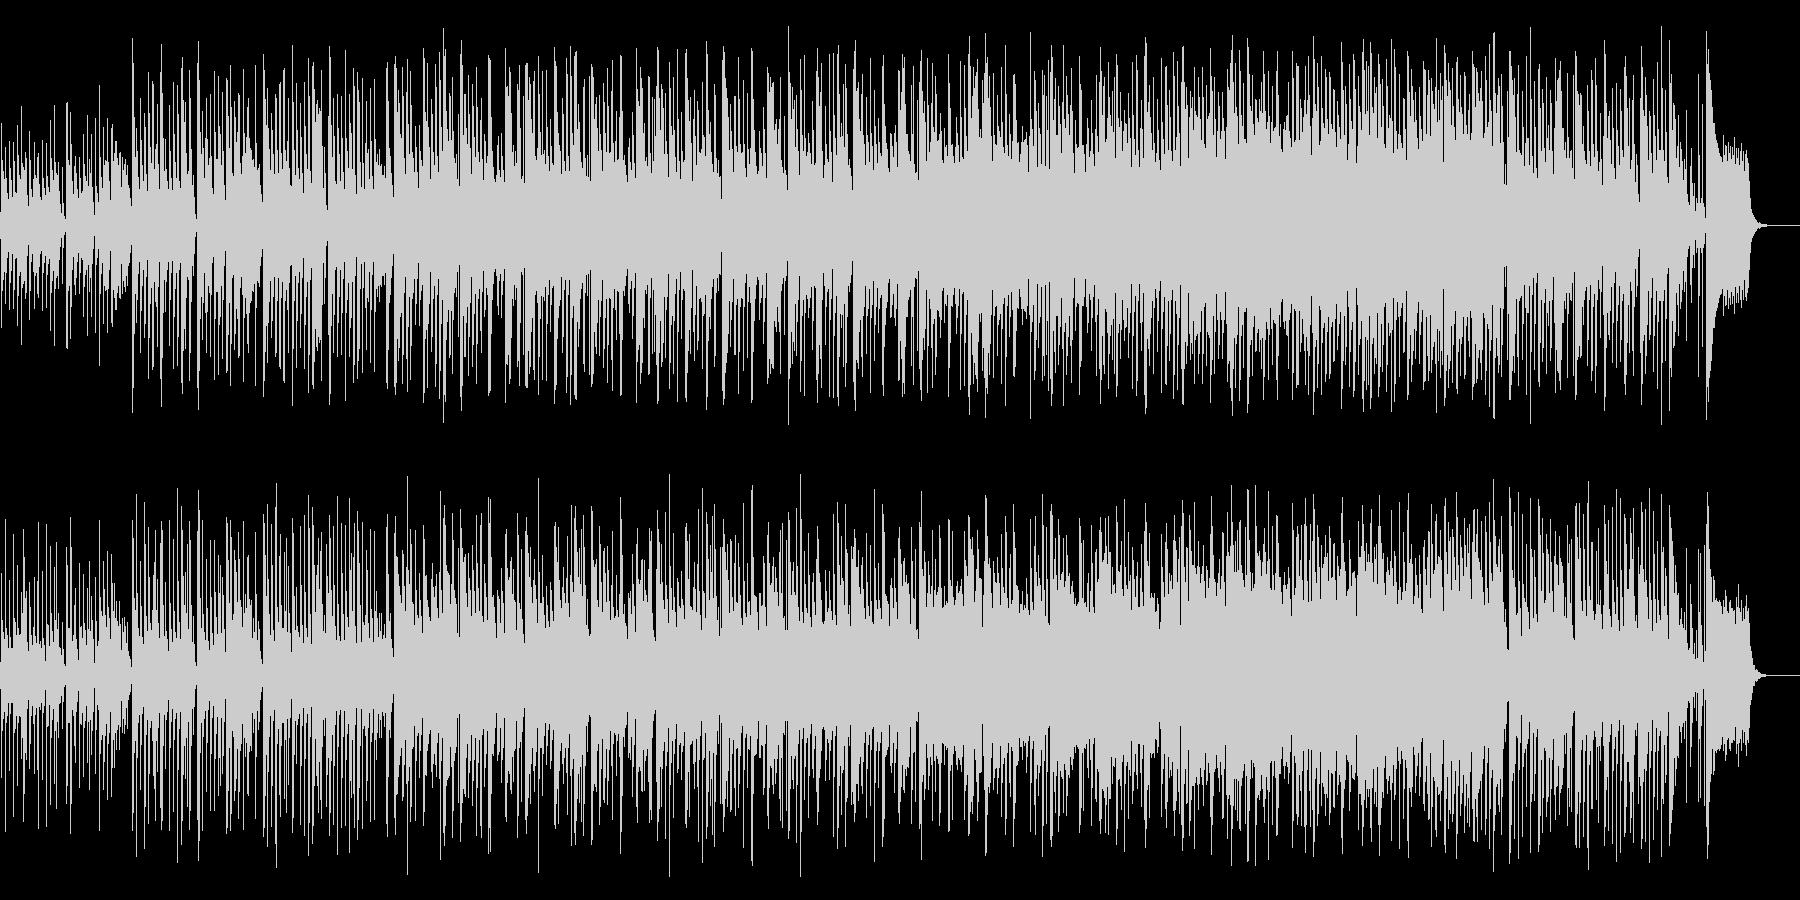 メルヘンで明るいわくわくするbgmの未再生の波形